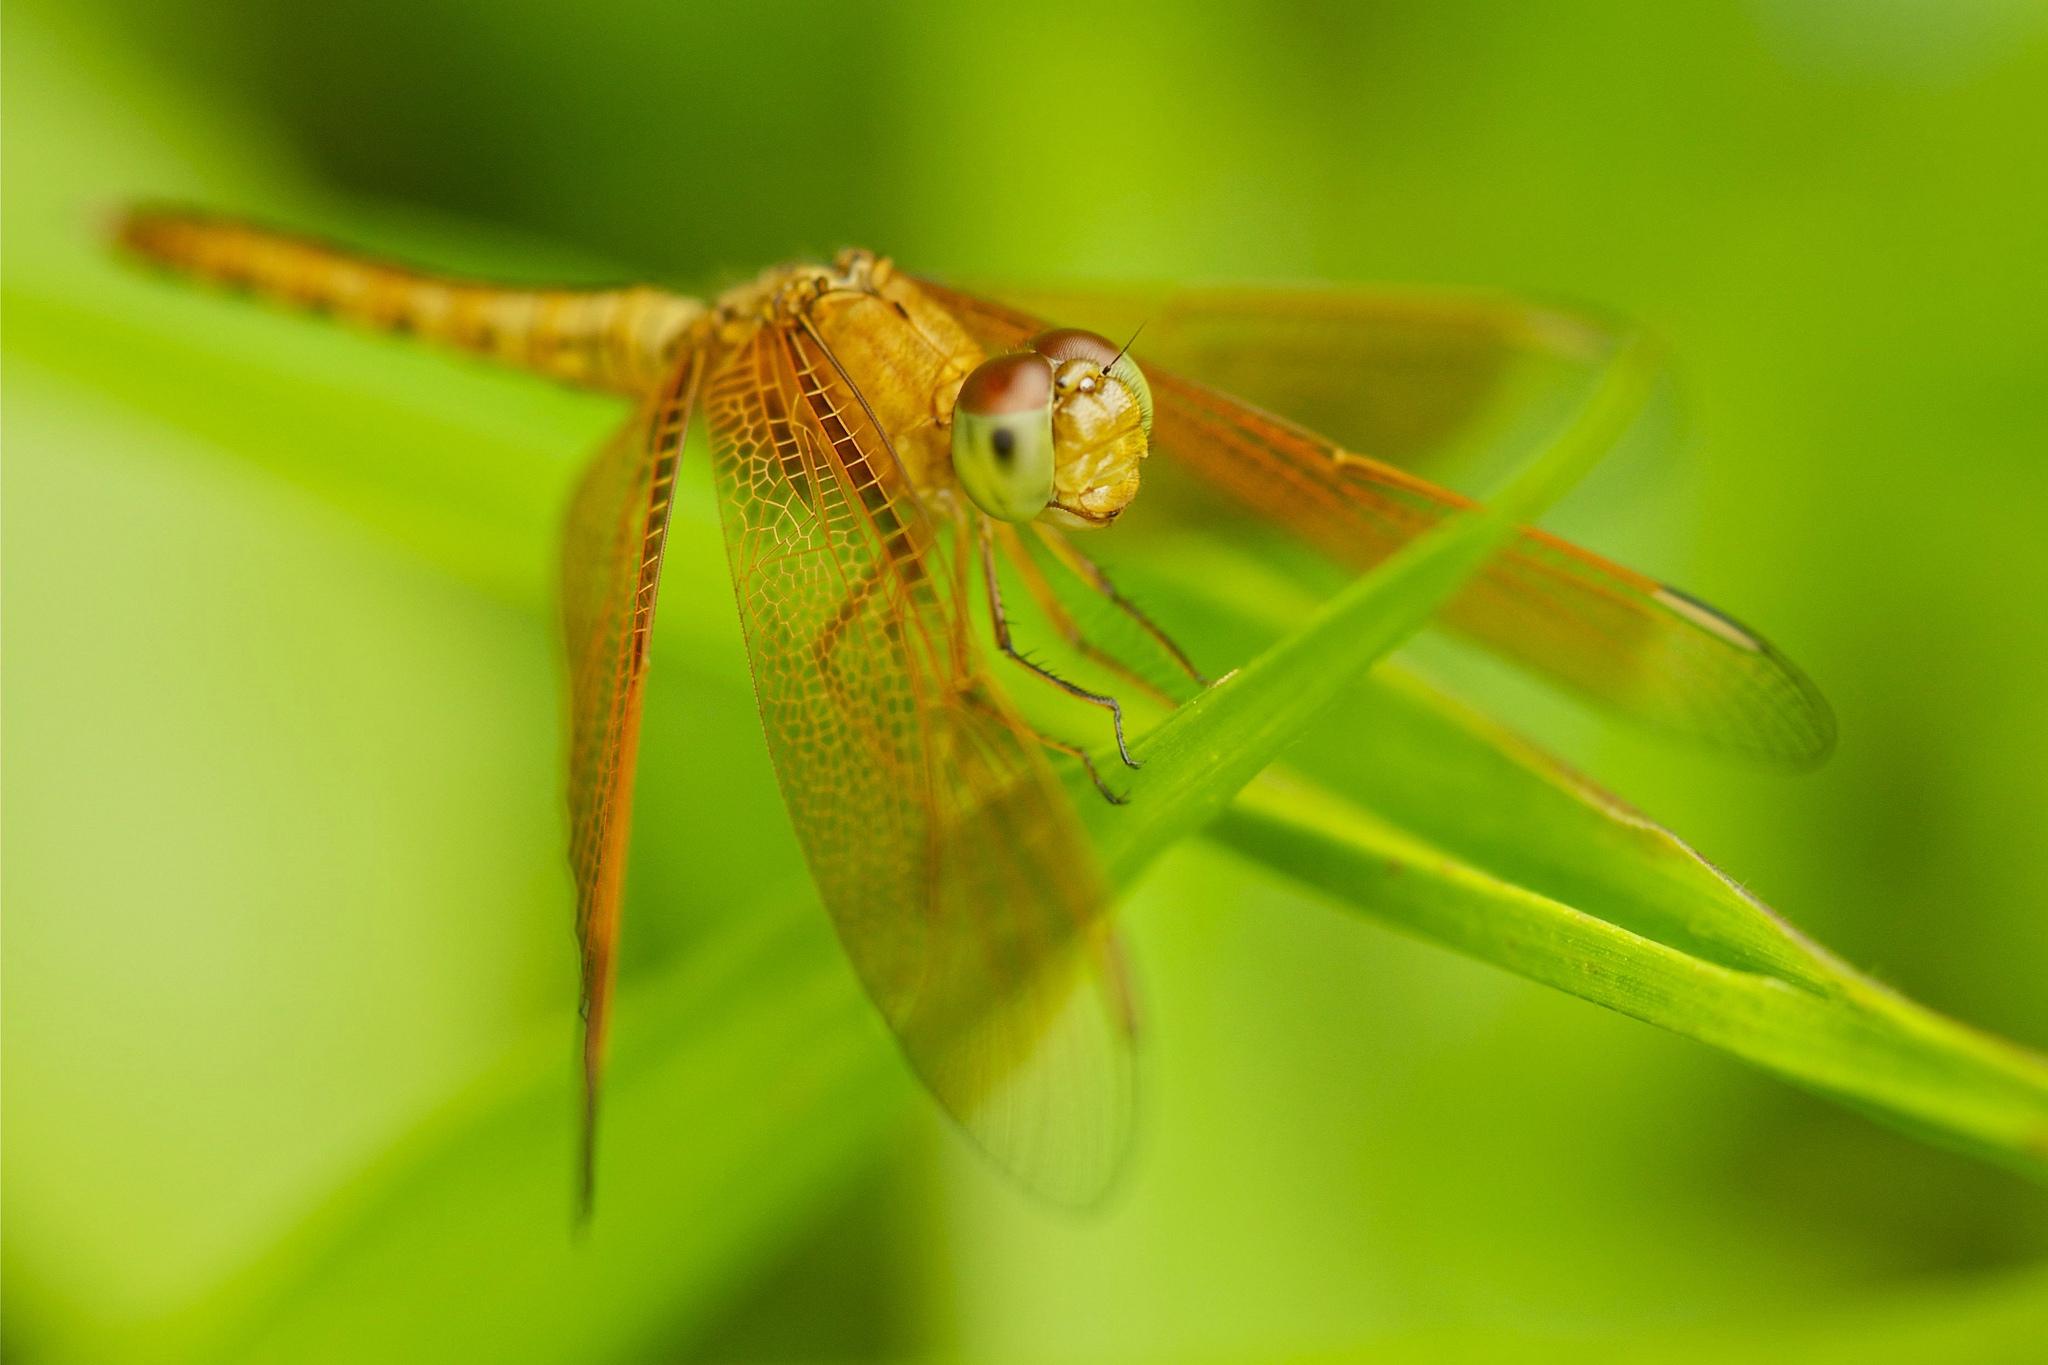 природа макро животные насекомое стрекоза  № 2748114 бесплатно